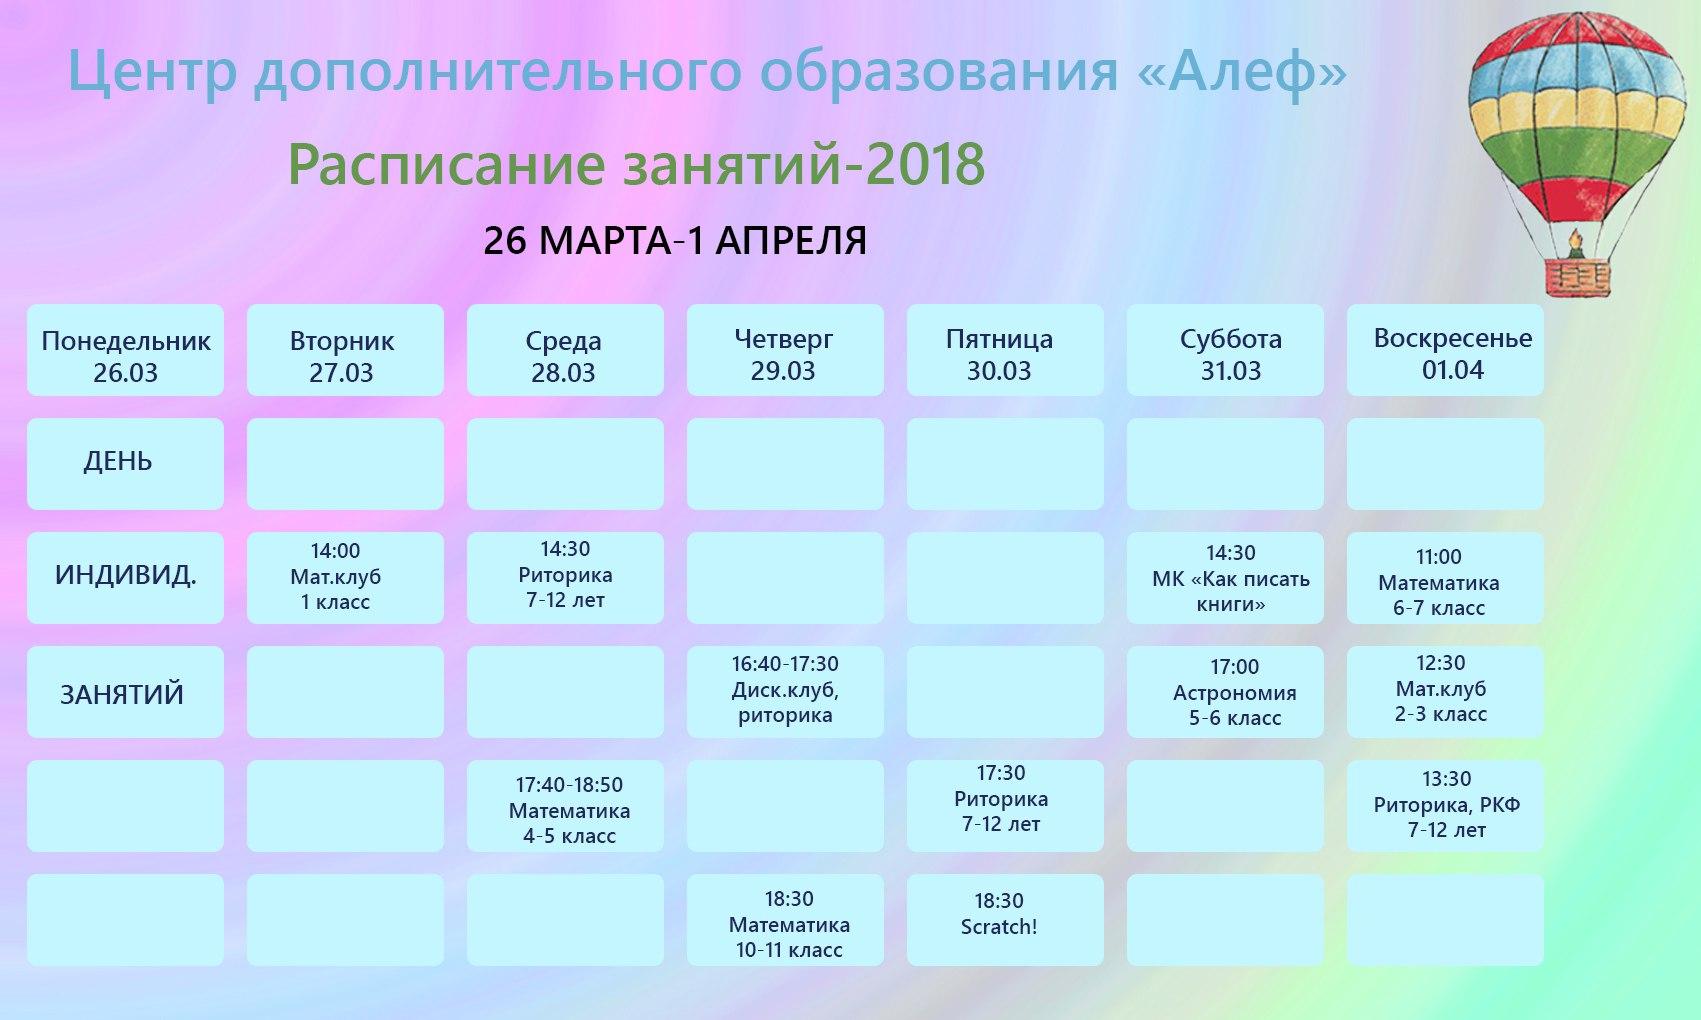 Расписание 26.03.2018-01.04.2018